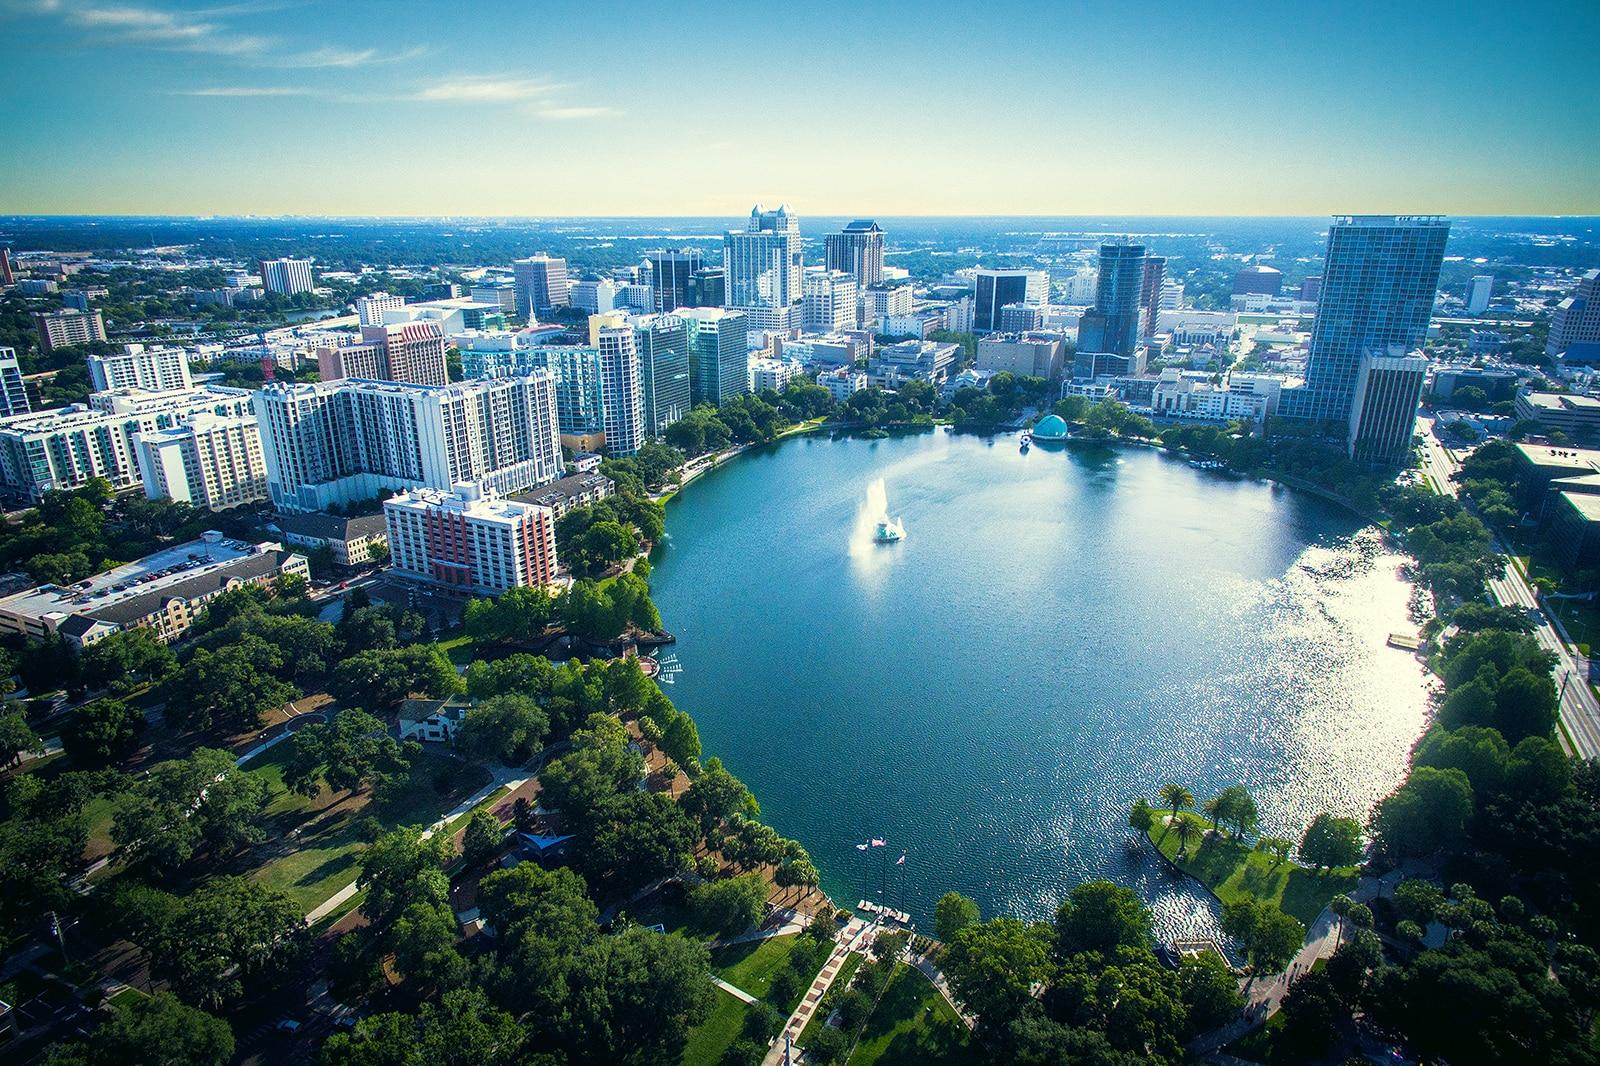 Lake Eola Park Orlando Florida